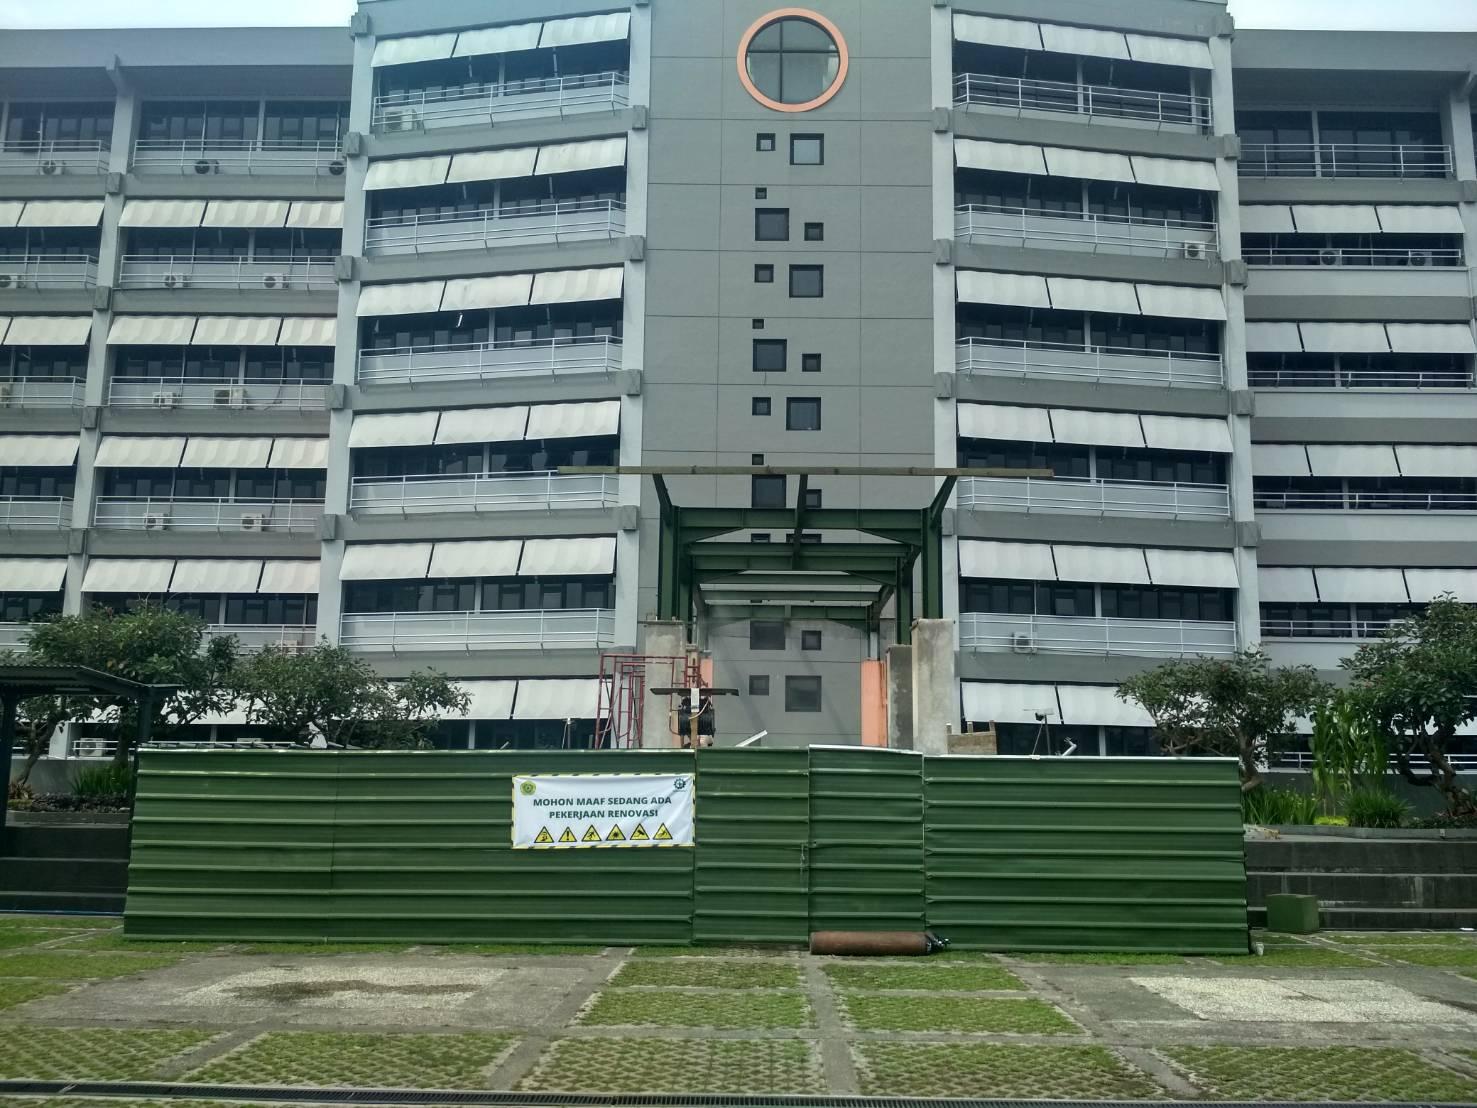 Pembangunan Tangga Penghubung Antara Gedung 9 Dan Rooftop Gedung 10